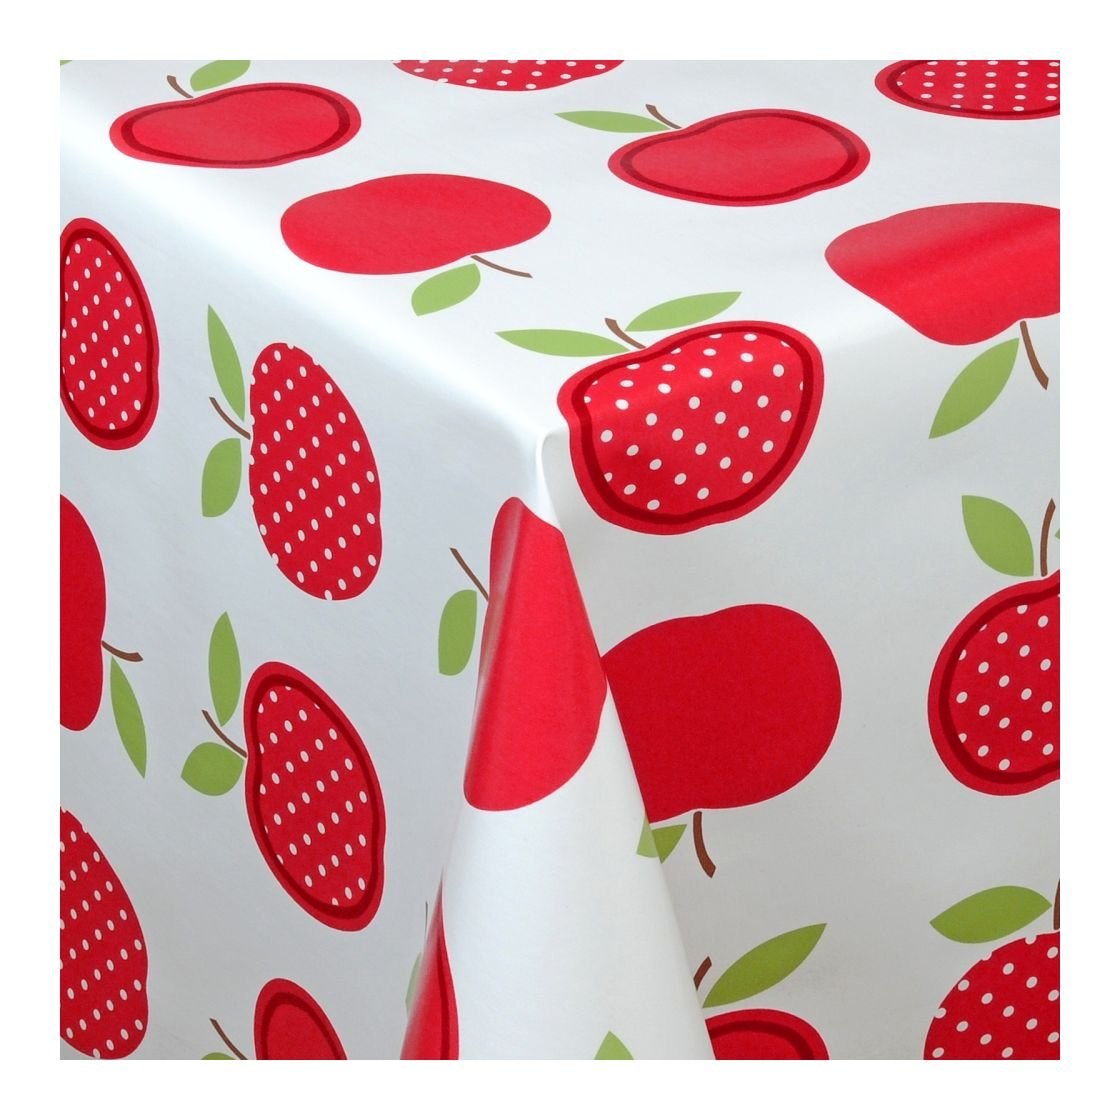 WACHSTUCH Tischdecken Wachstischdecke Gartentischdecke, Abwaschbar Meterware, Länge wählbar,ROT Apples Äpfel Rot Weiß (623-02) 2000cm x 140cm